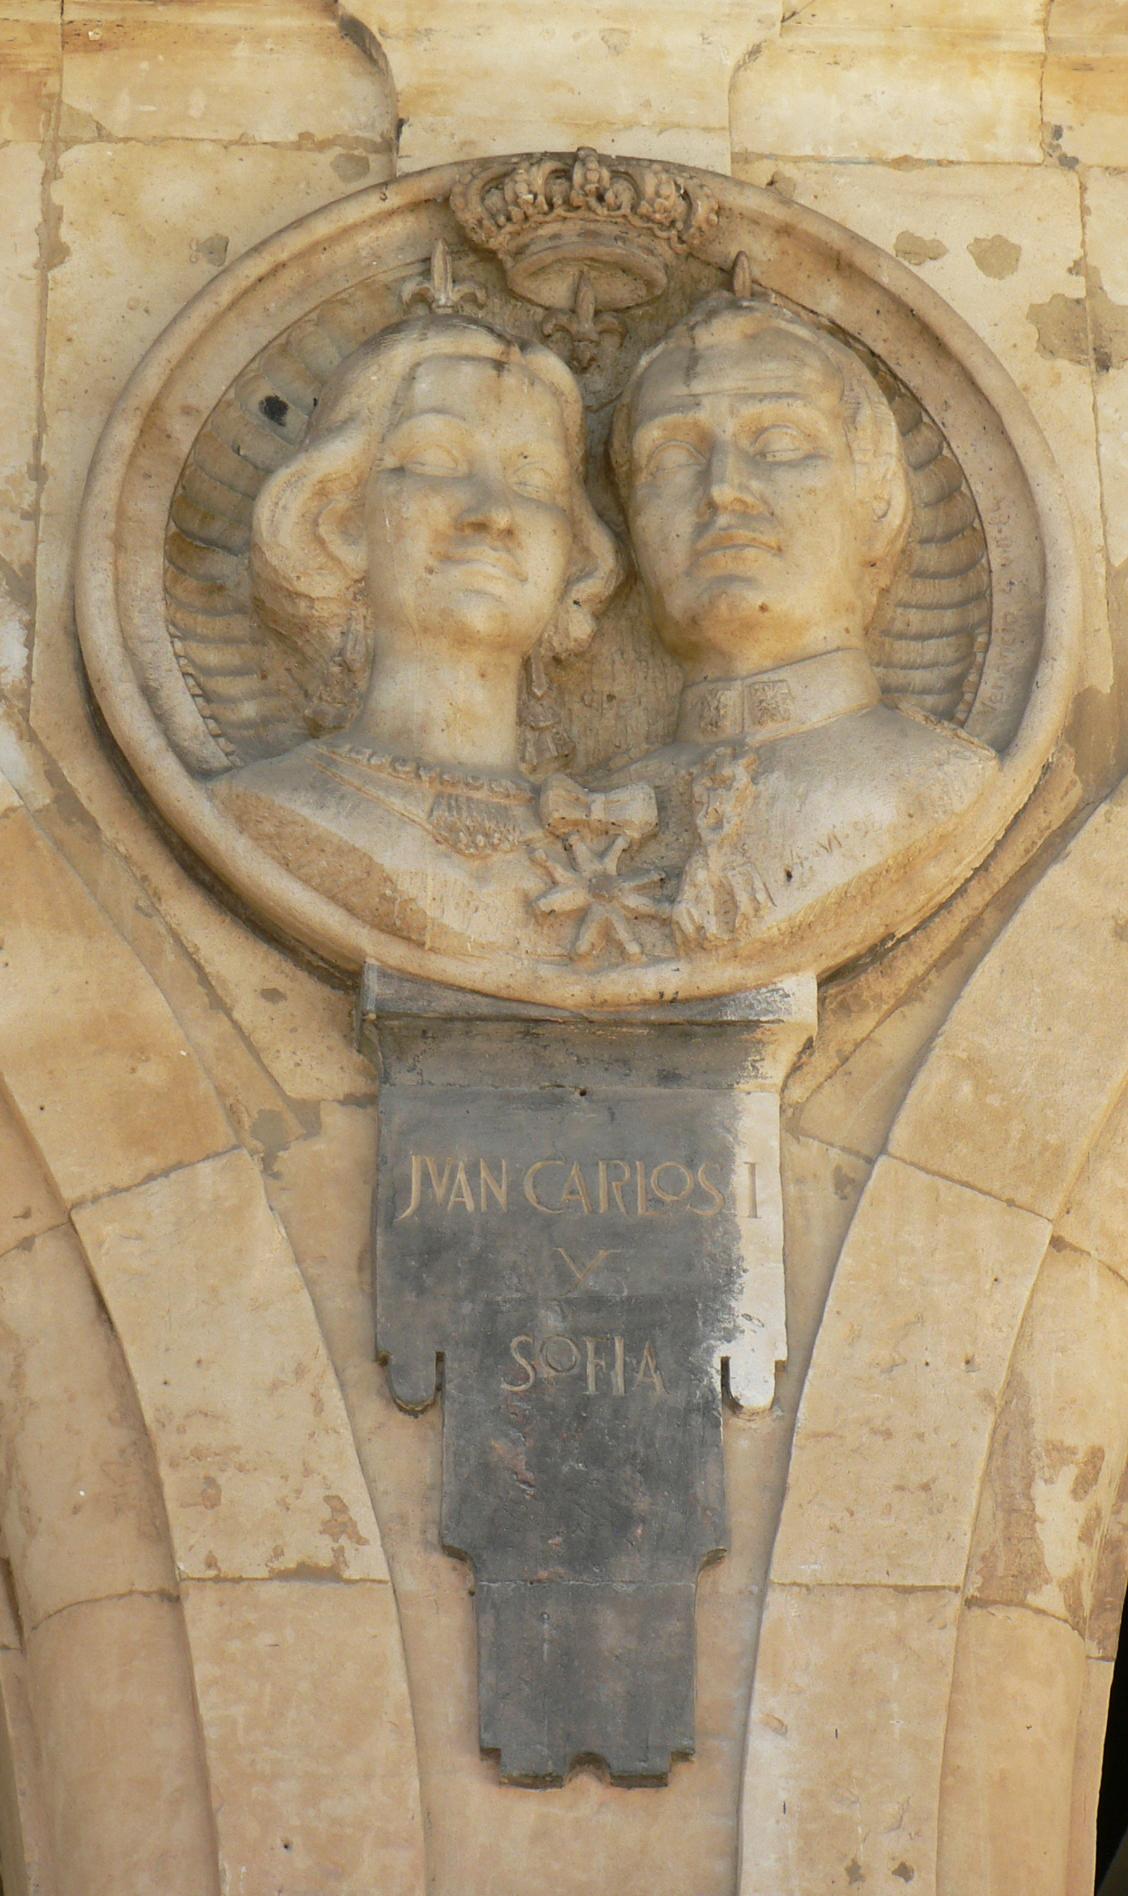 Pabellón Consistorial medallón 17 Juan Carlos I y Sofía.JPG